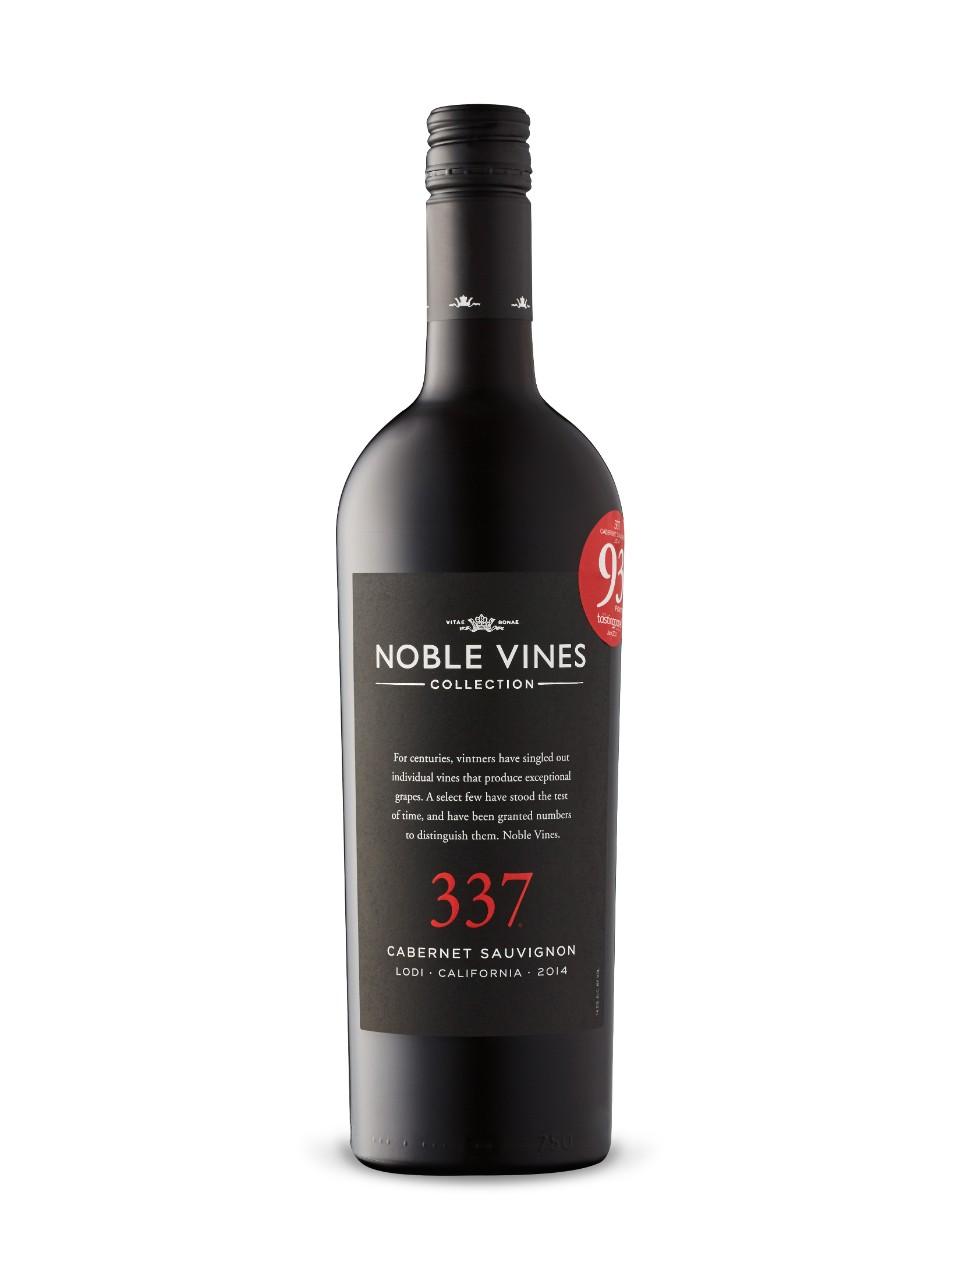 Noble Vines 337 Cabernet Sauvignon 2017 from LCBO